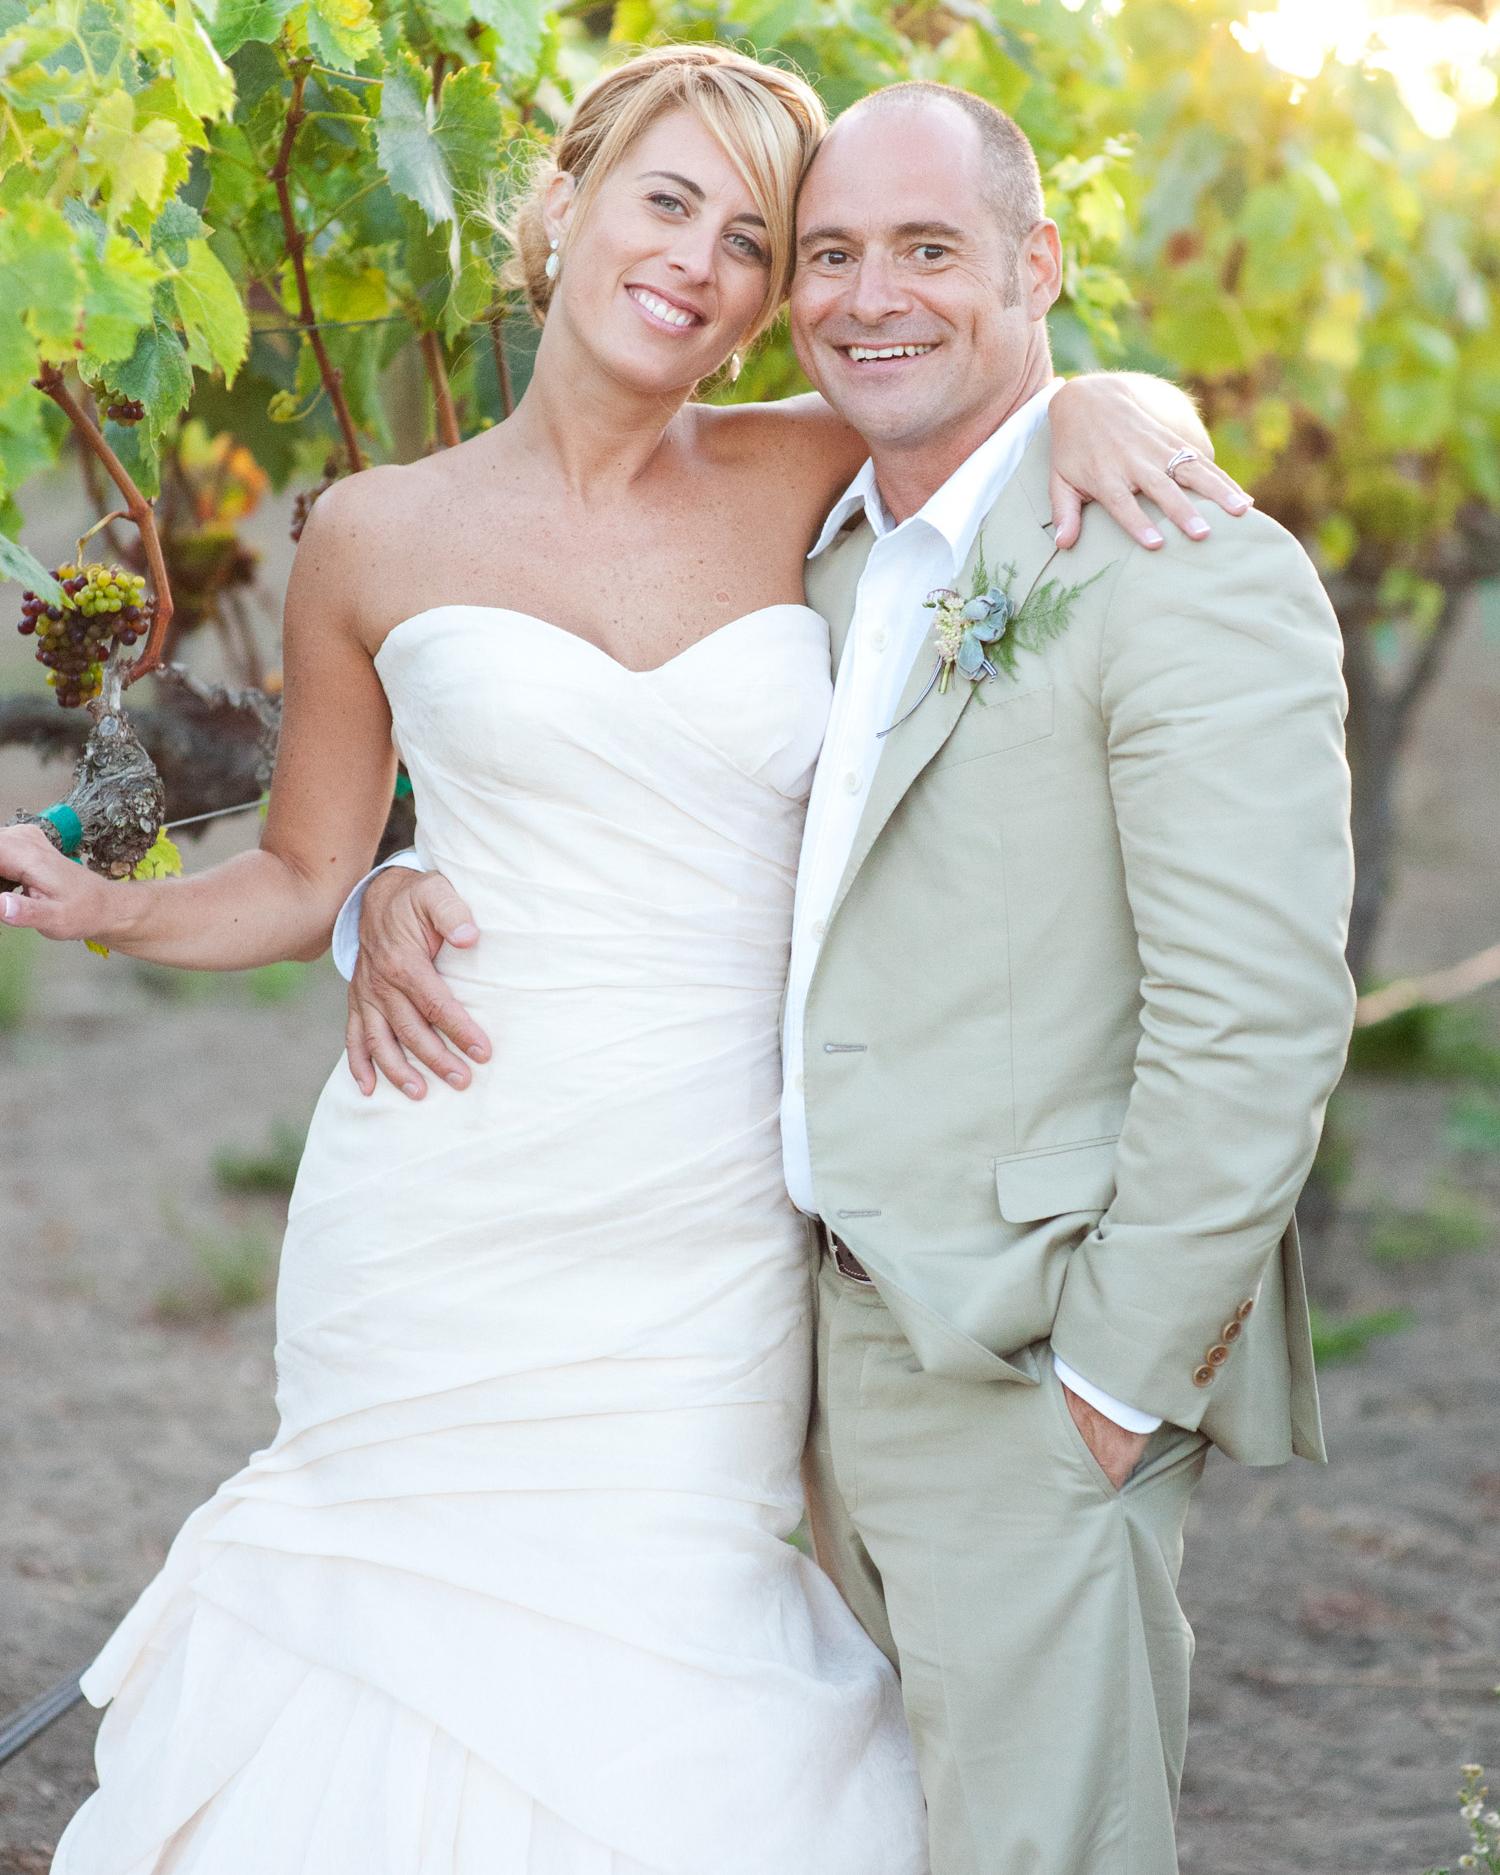 A Garden-Inspired Outdoor Destination Wedding in California